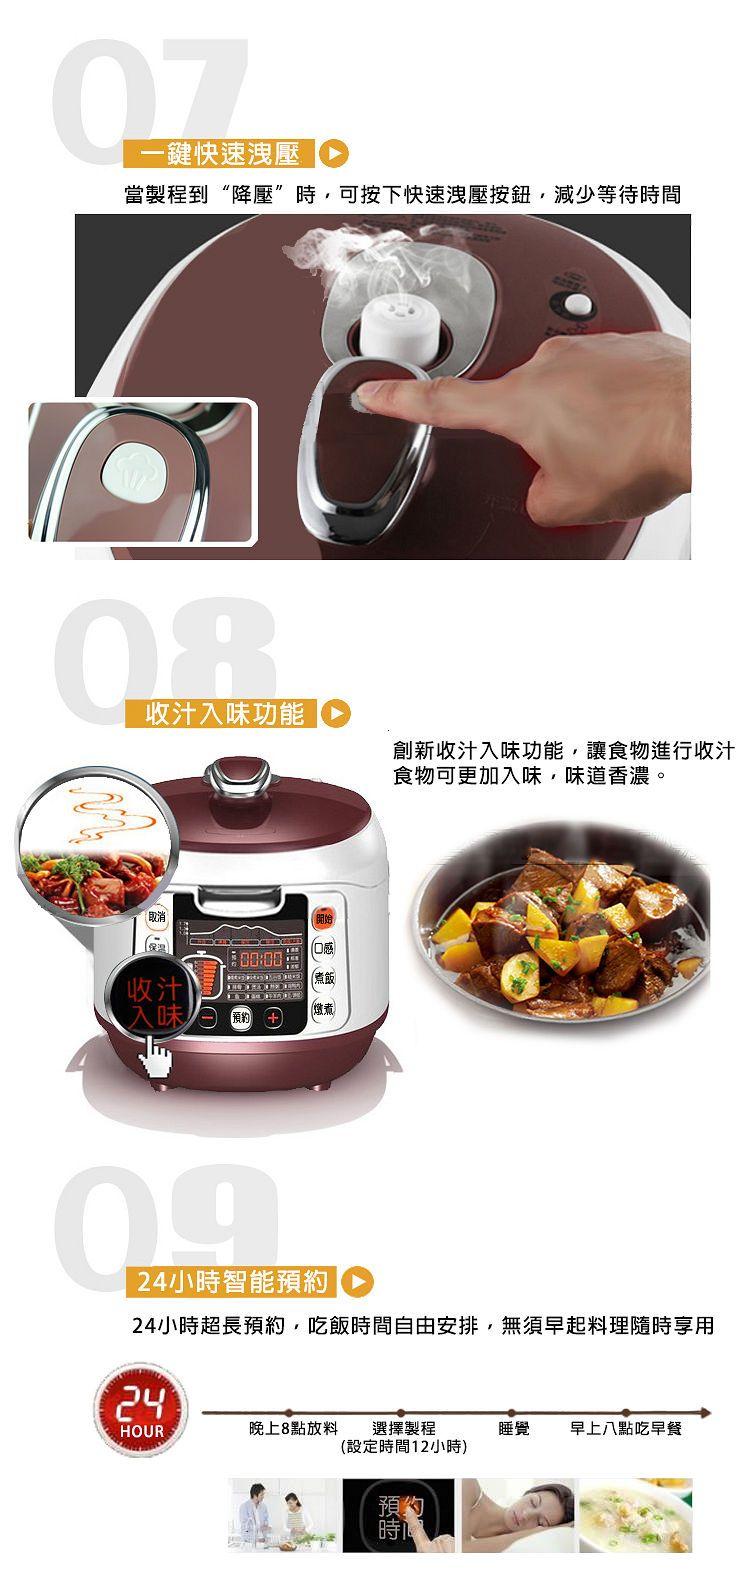 九阳电压力锅JYY-50FS98特色功能宣传图